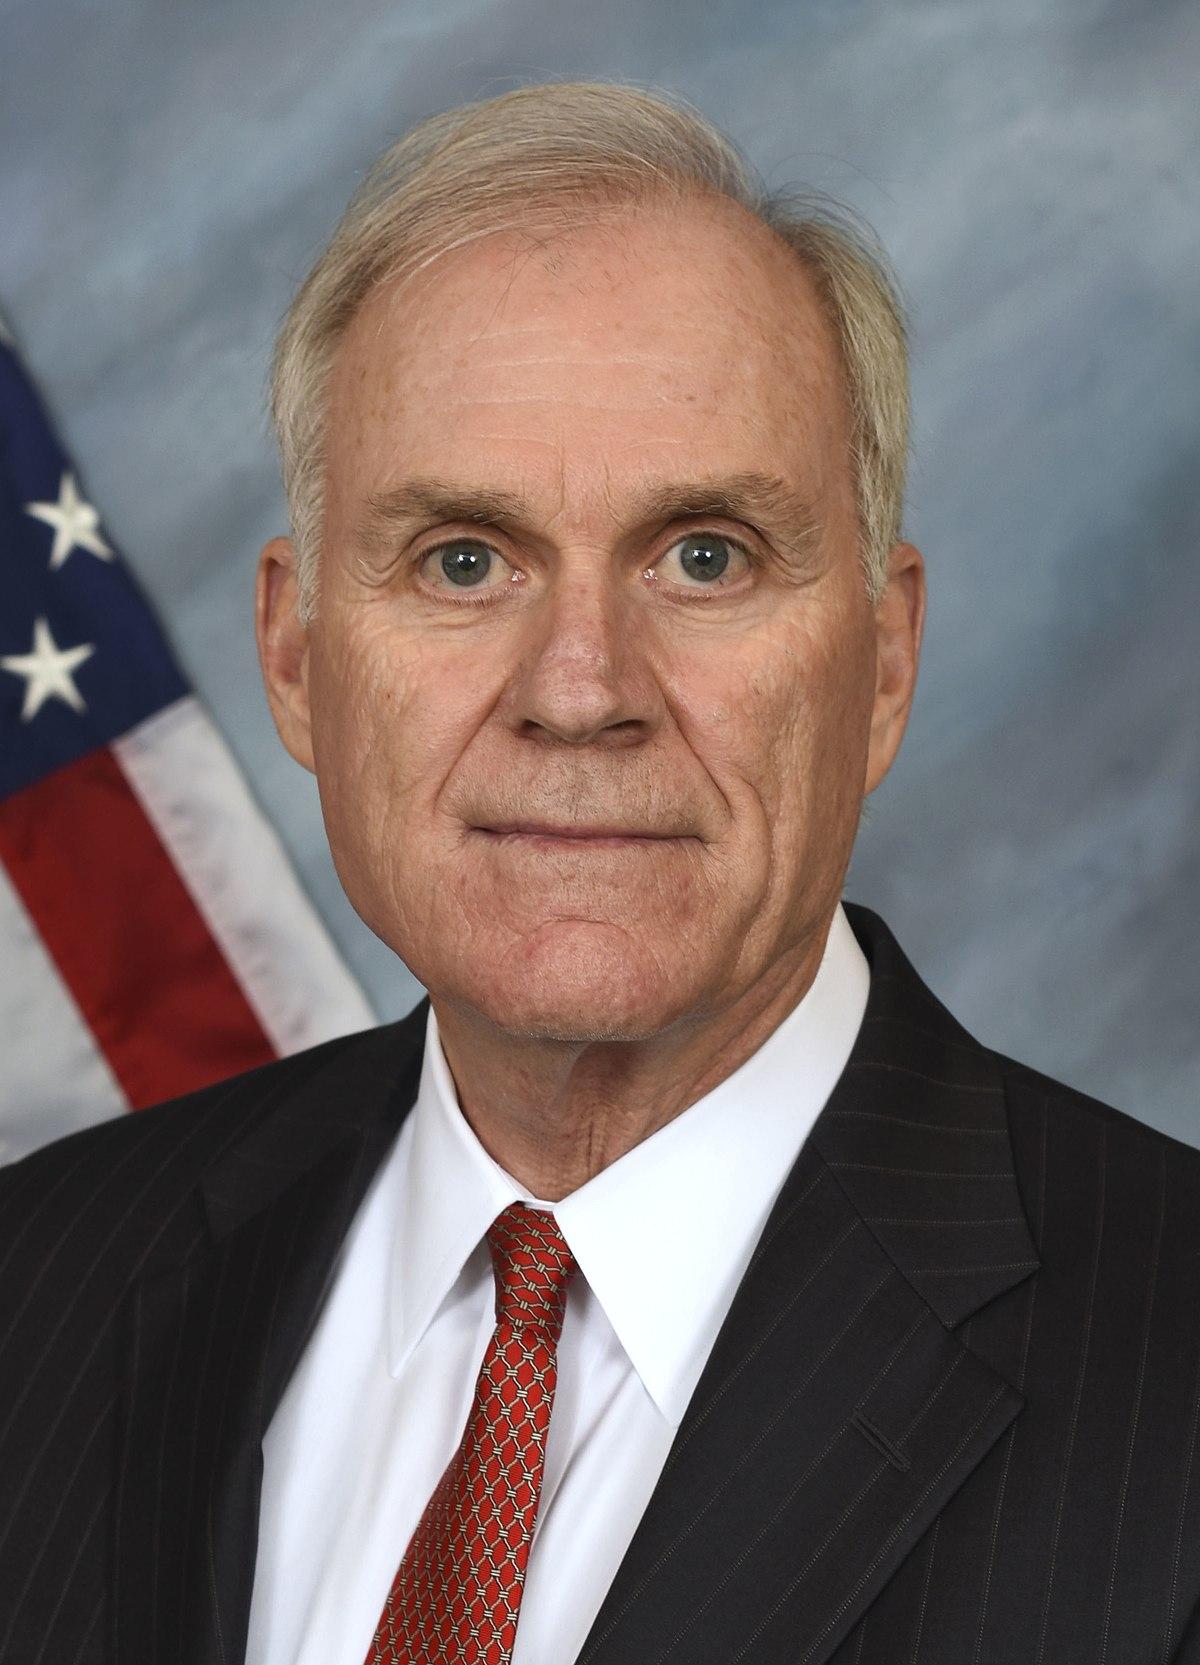 Richard V. Spencer – Wikipedia